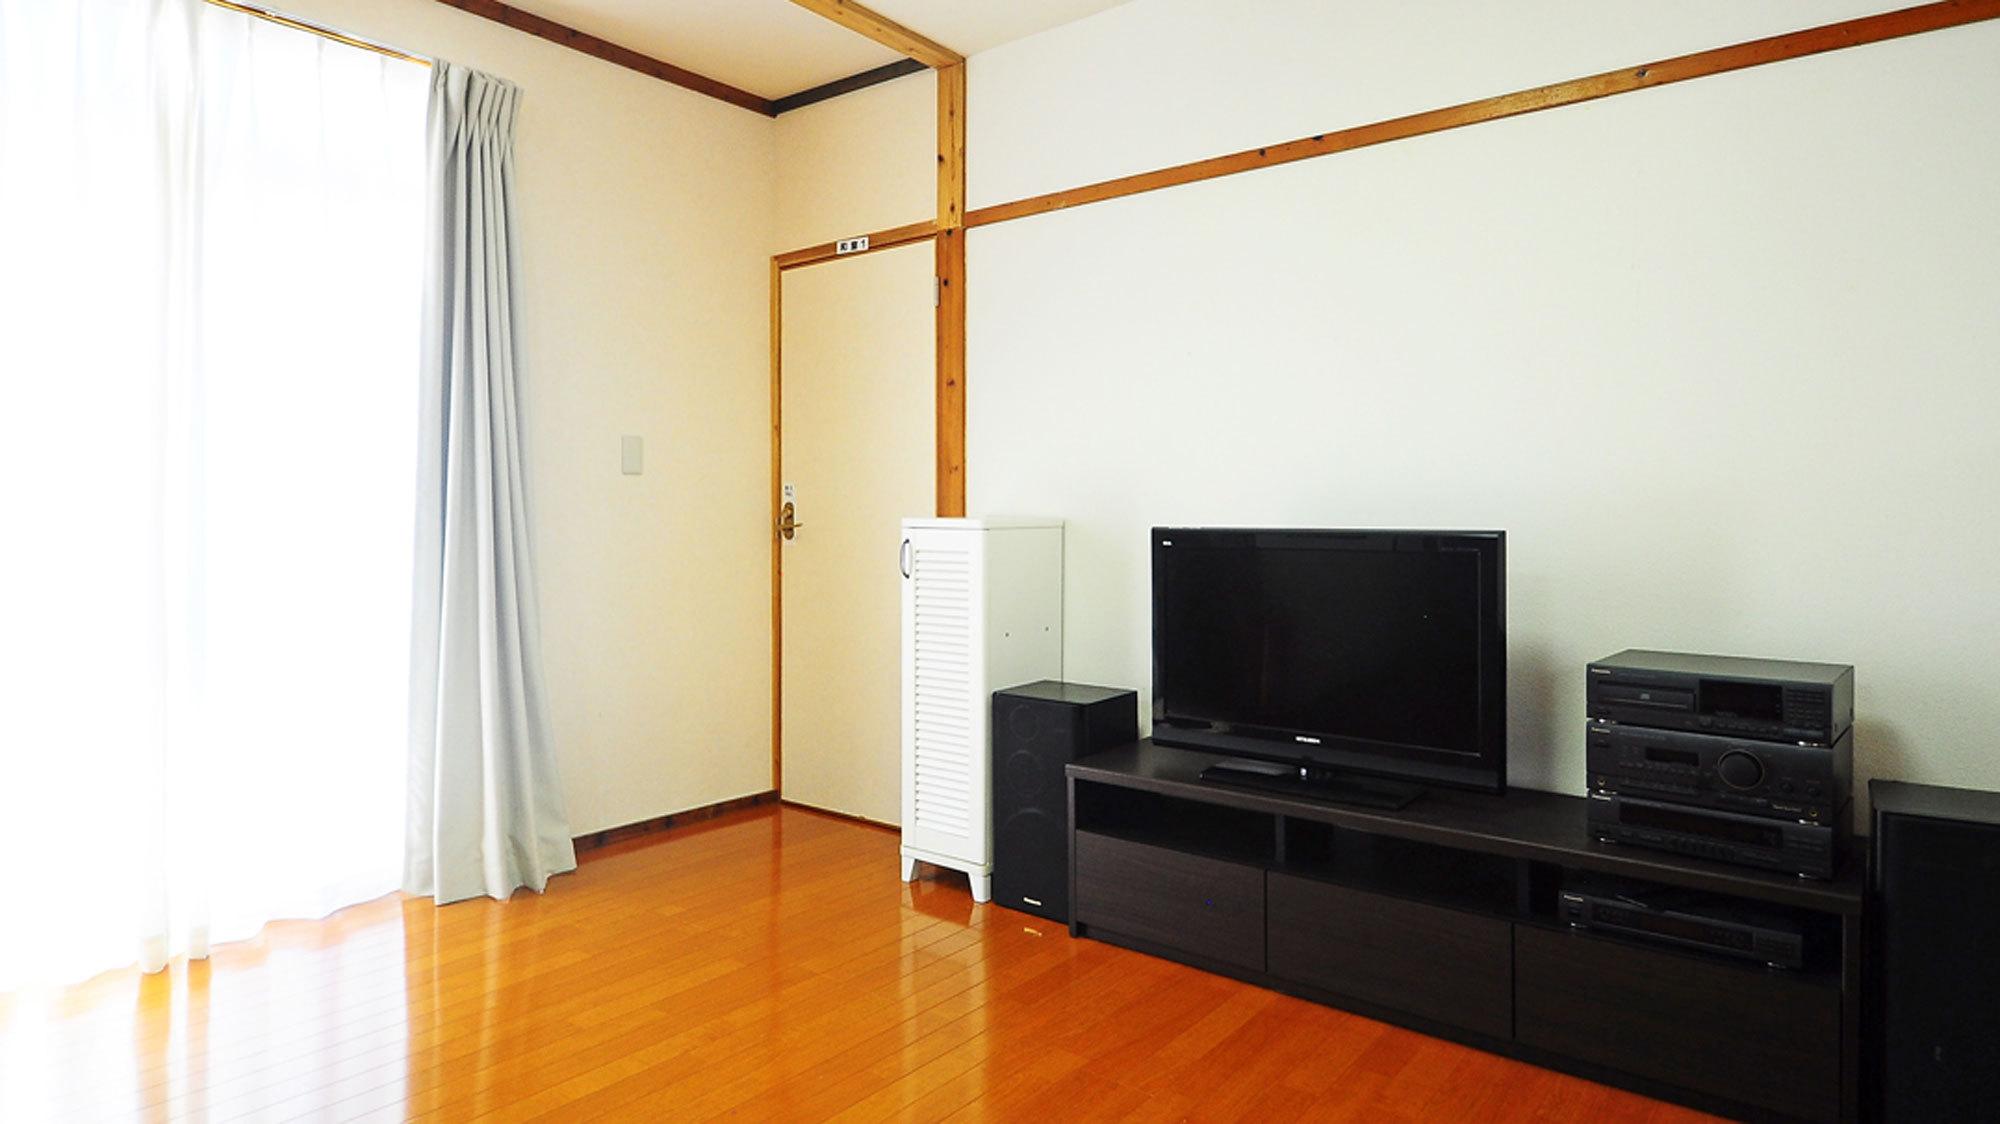 【リビングルーム】リビングにあるテレビ※オーディオ機器は古いため、使用できない部分もございます